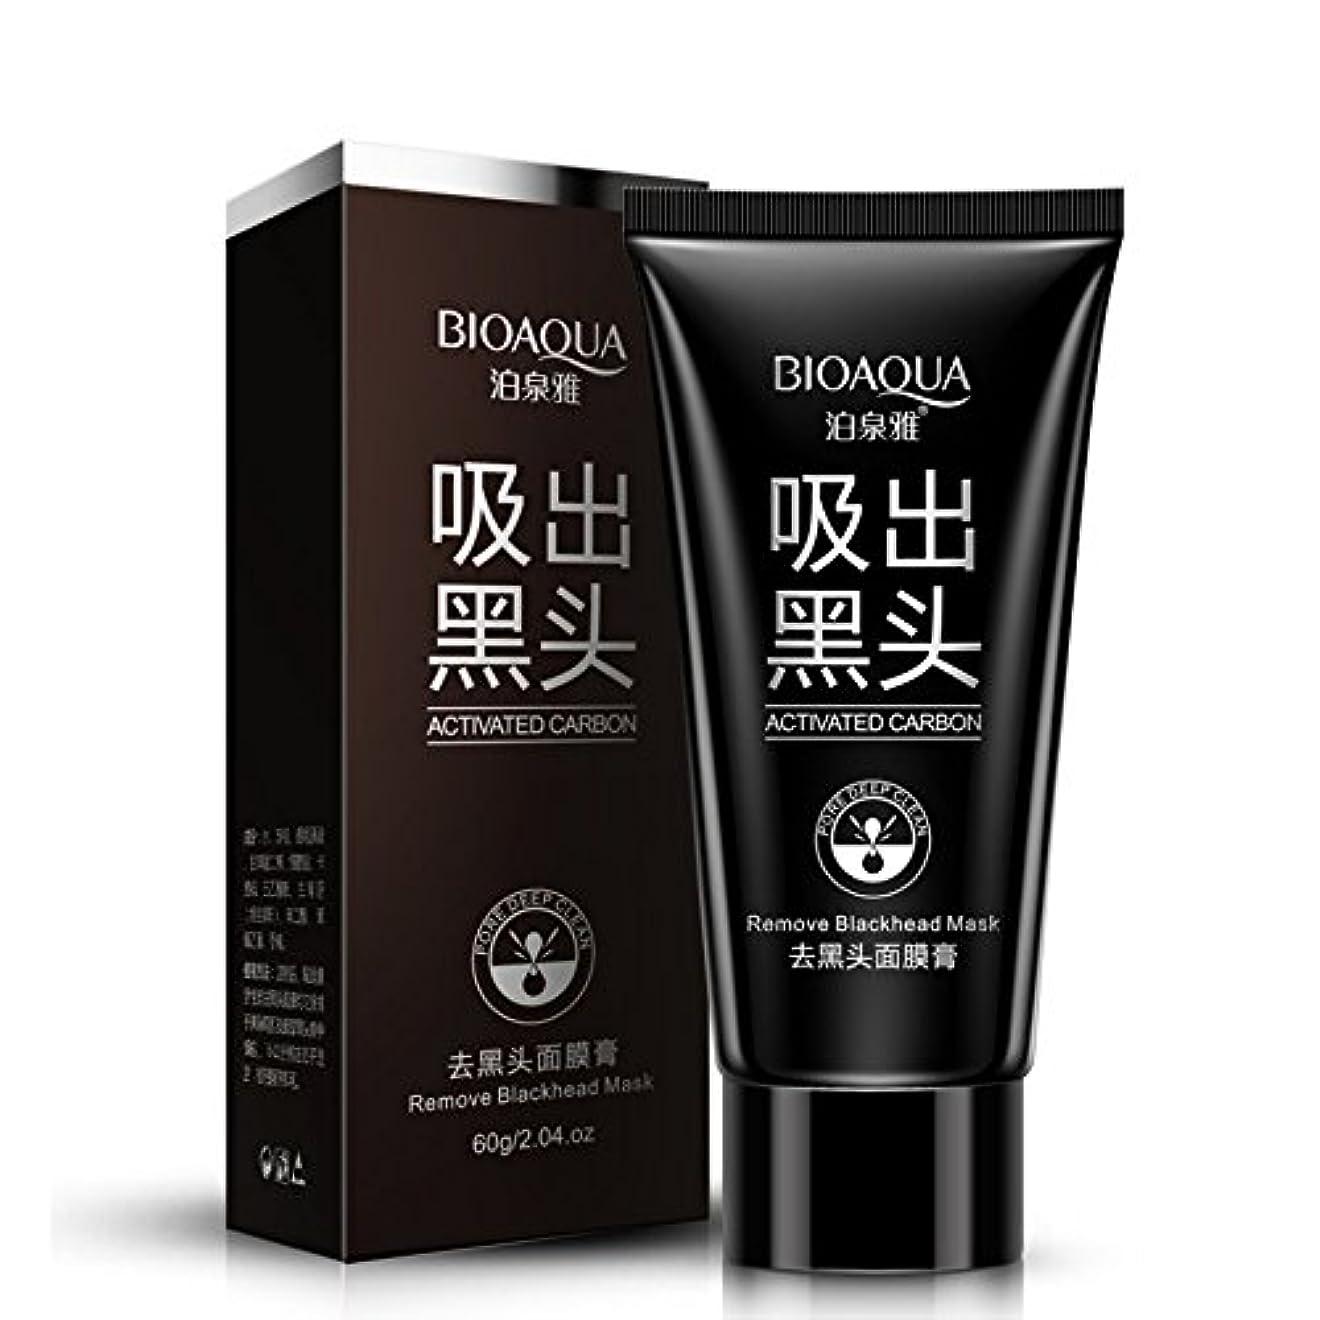 敗北些細付添人Suction Black Mask Shrink Black Head Spots Pores,Face Mask Blackhead Removal Blackheads Cosmetics Facials Moisturizing...